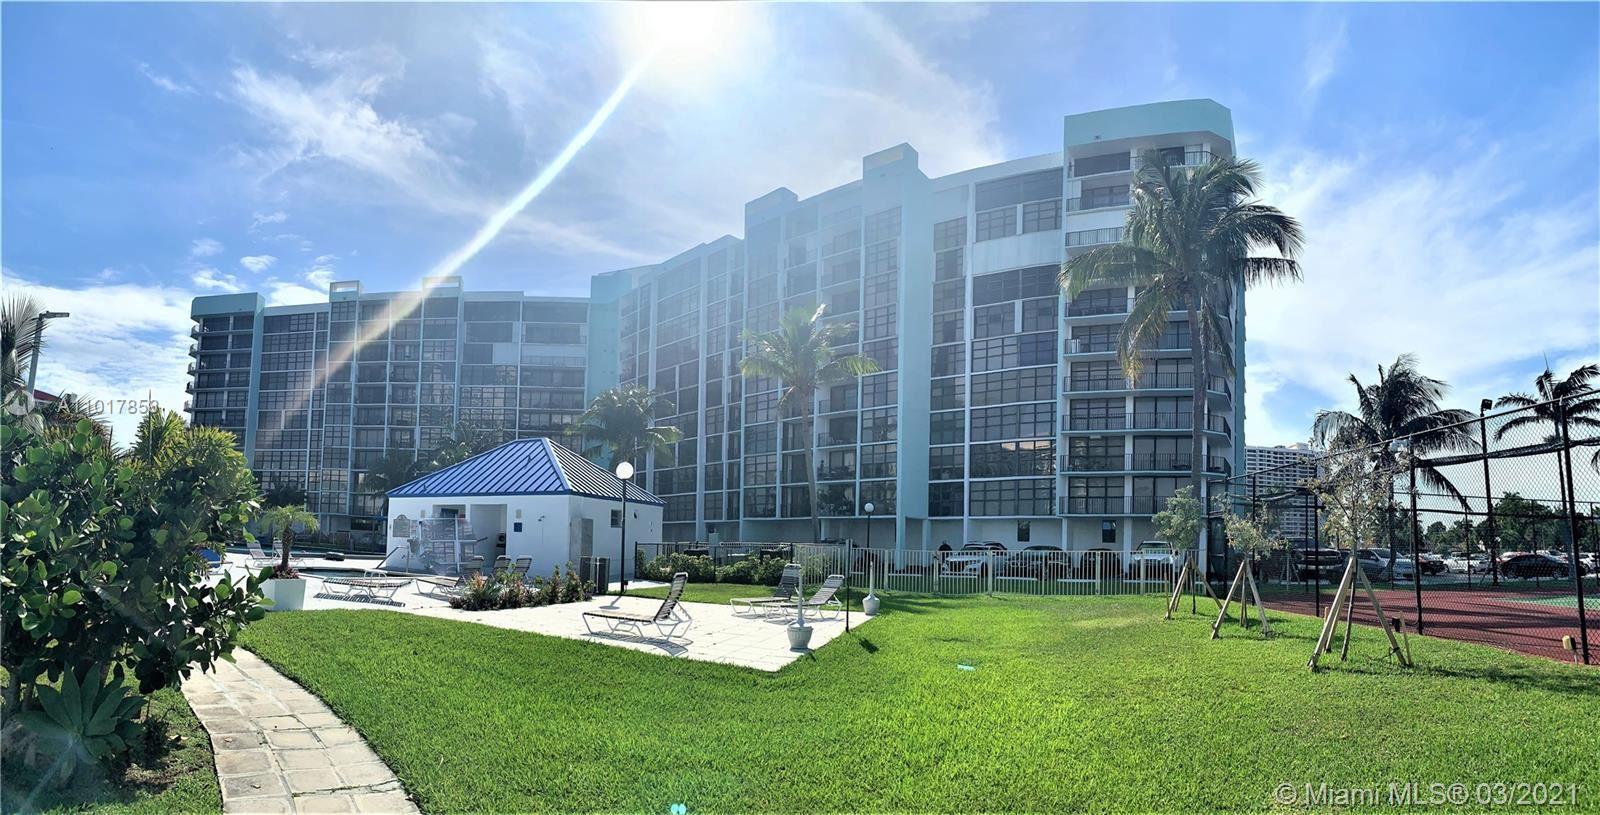 200 Leslie Dr #528, Hallandale Beach, FL 33009 - #: A11017858